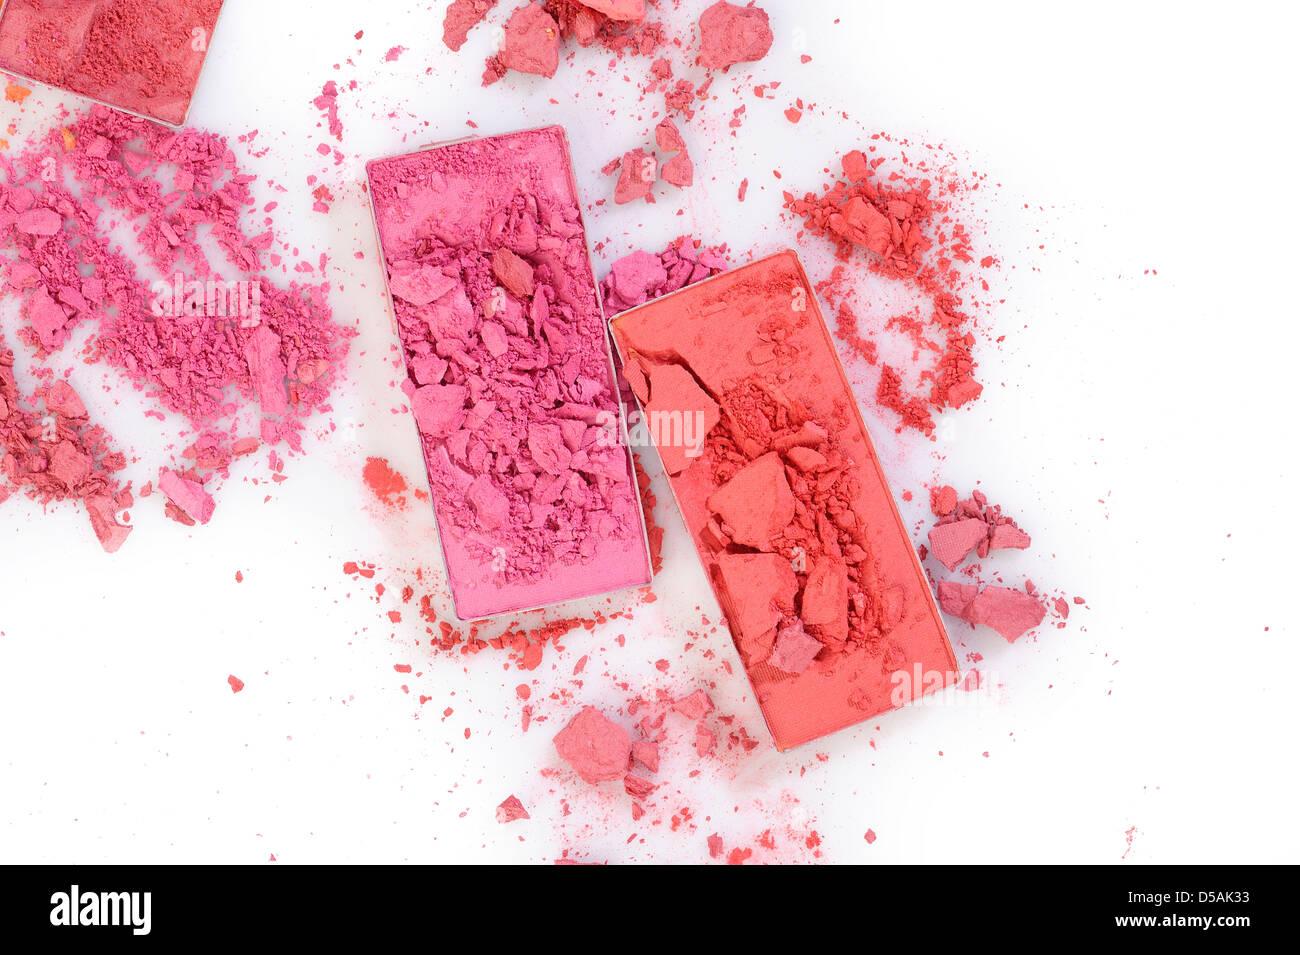 Cosmetic powder brush on white background - Stock Image